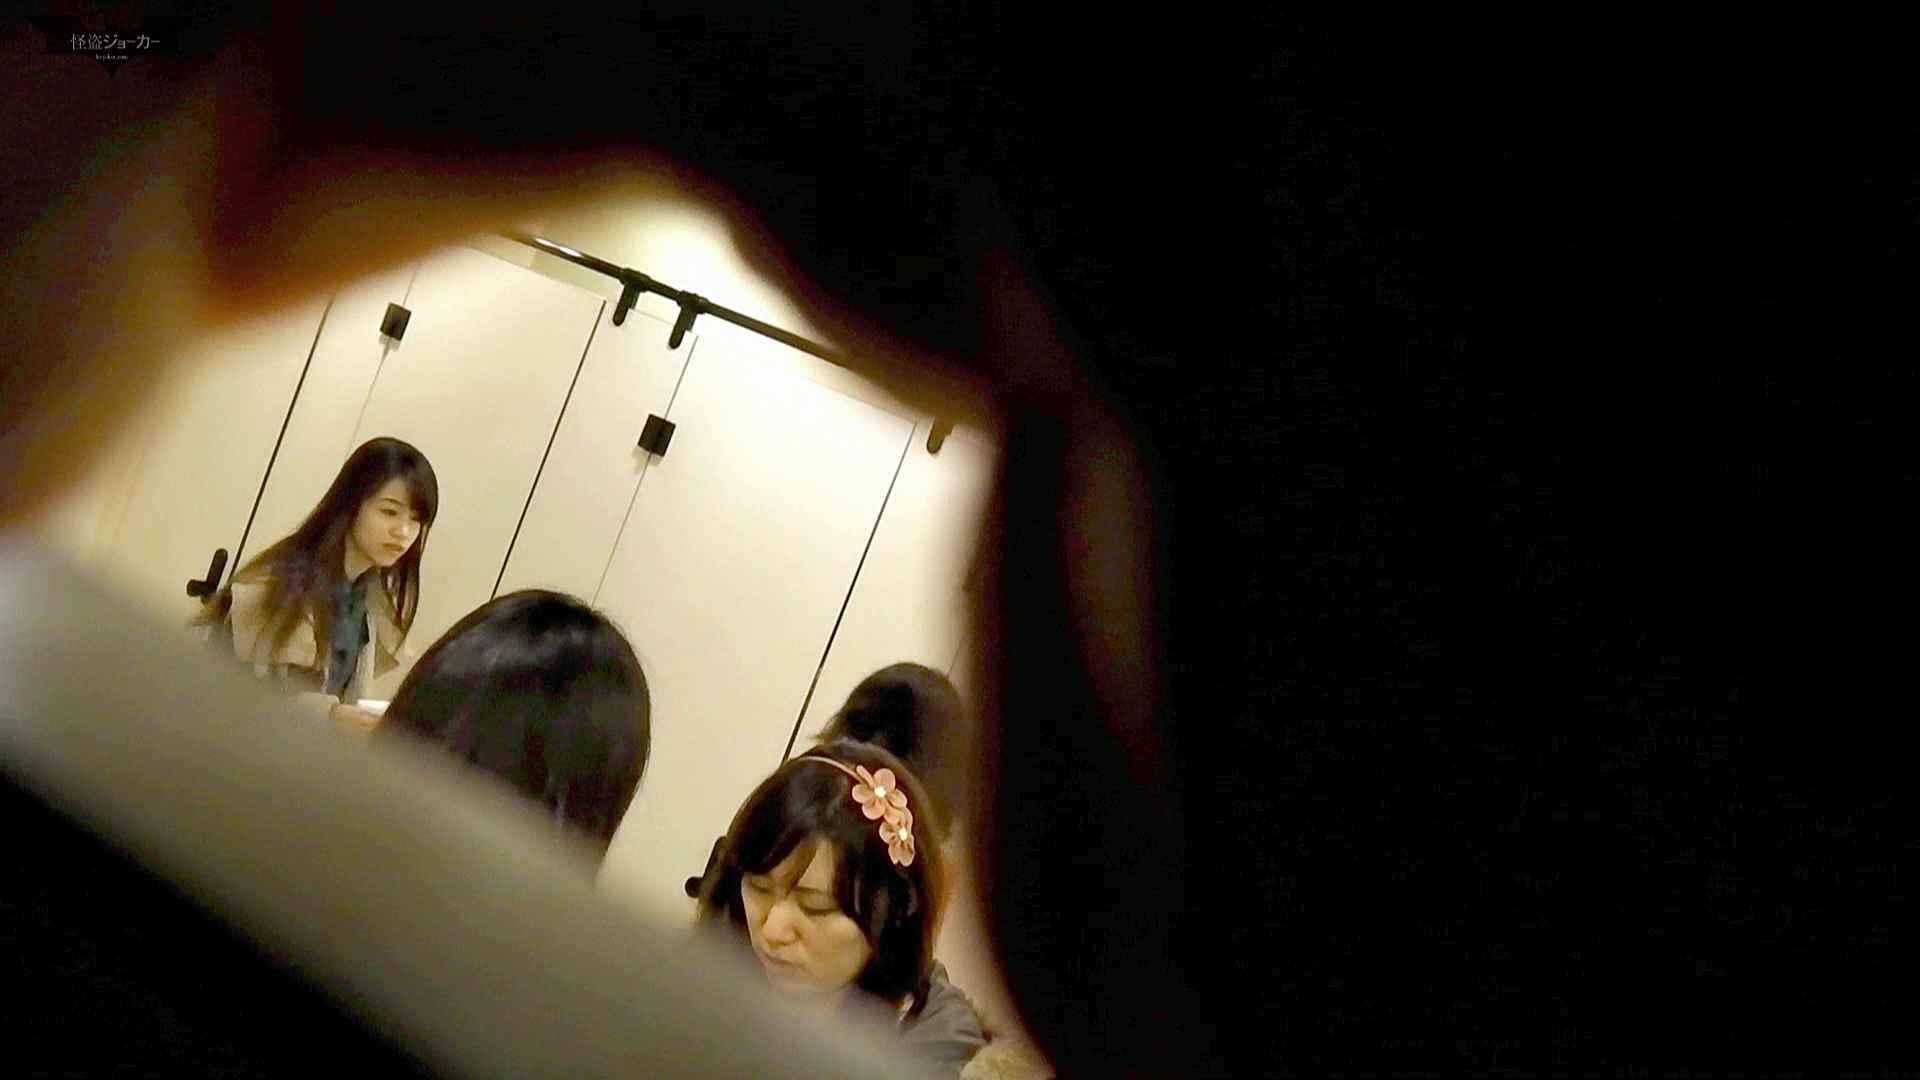 無修正ヌード|新世界の射窓 No71 久しぶり、可愛い三人組全部晒しちゃいます。|怪盗ジョーカー